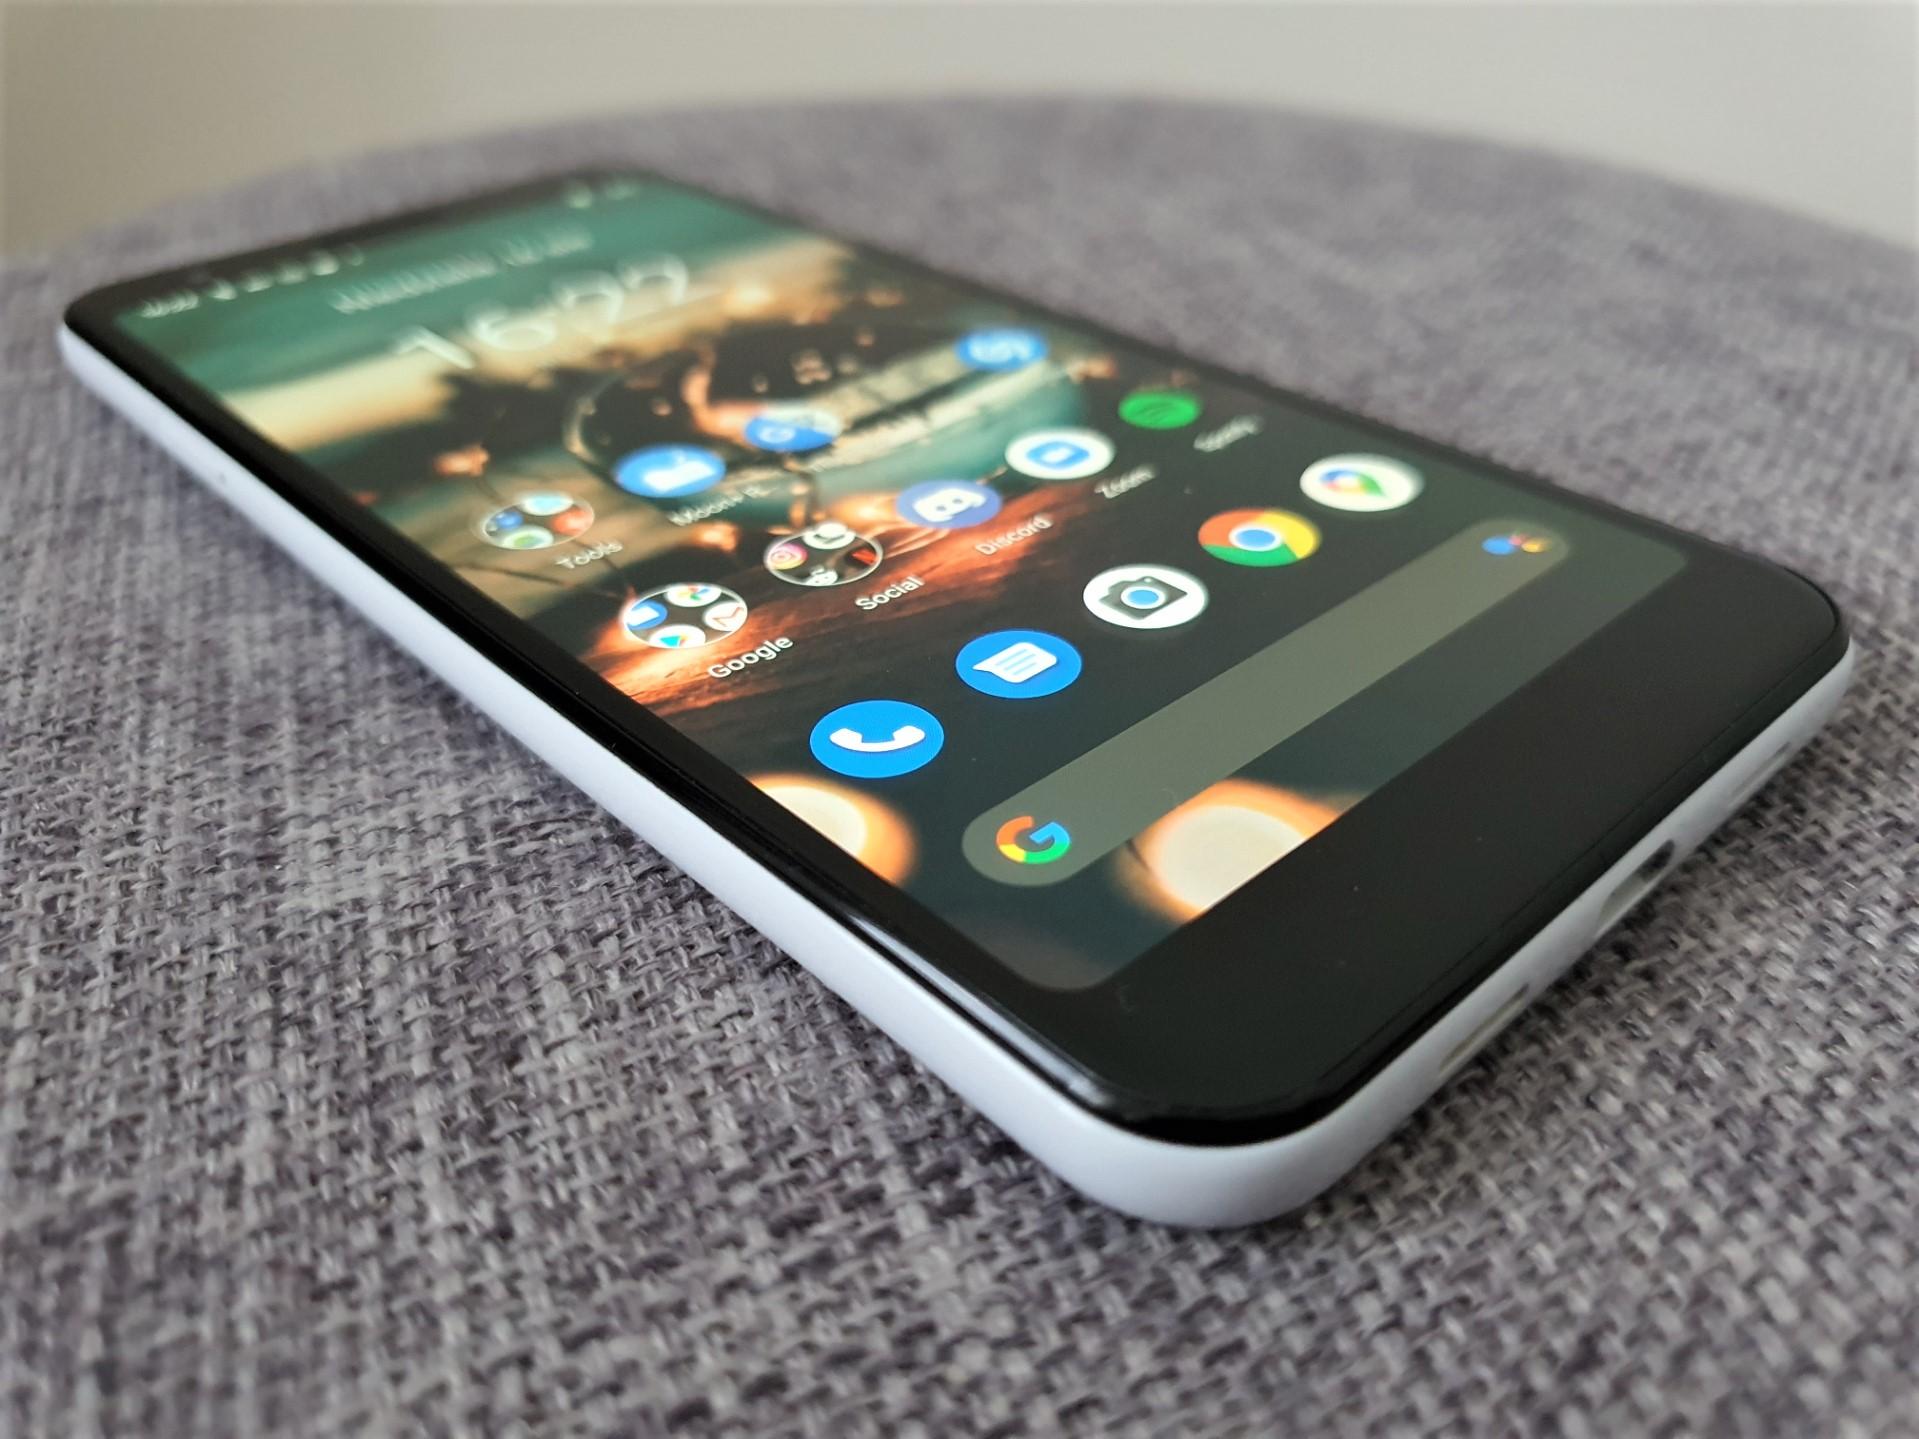 Google Pixel 3a po roku, czyli co nas wkurza w smartfonach?